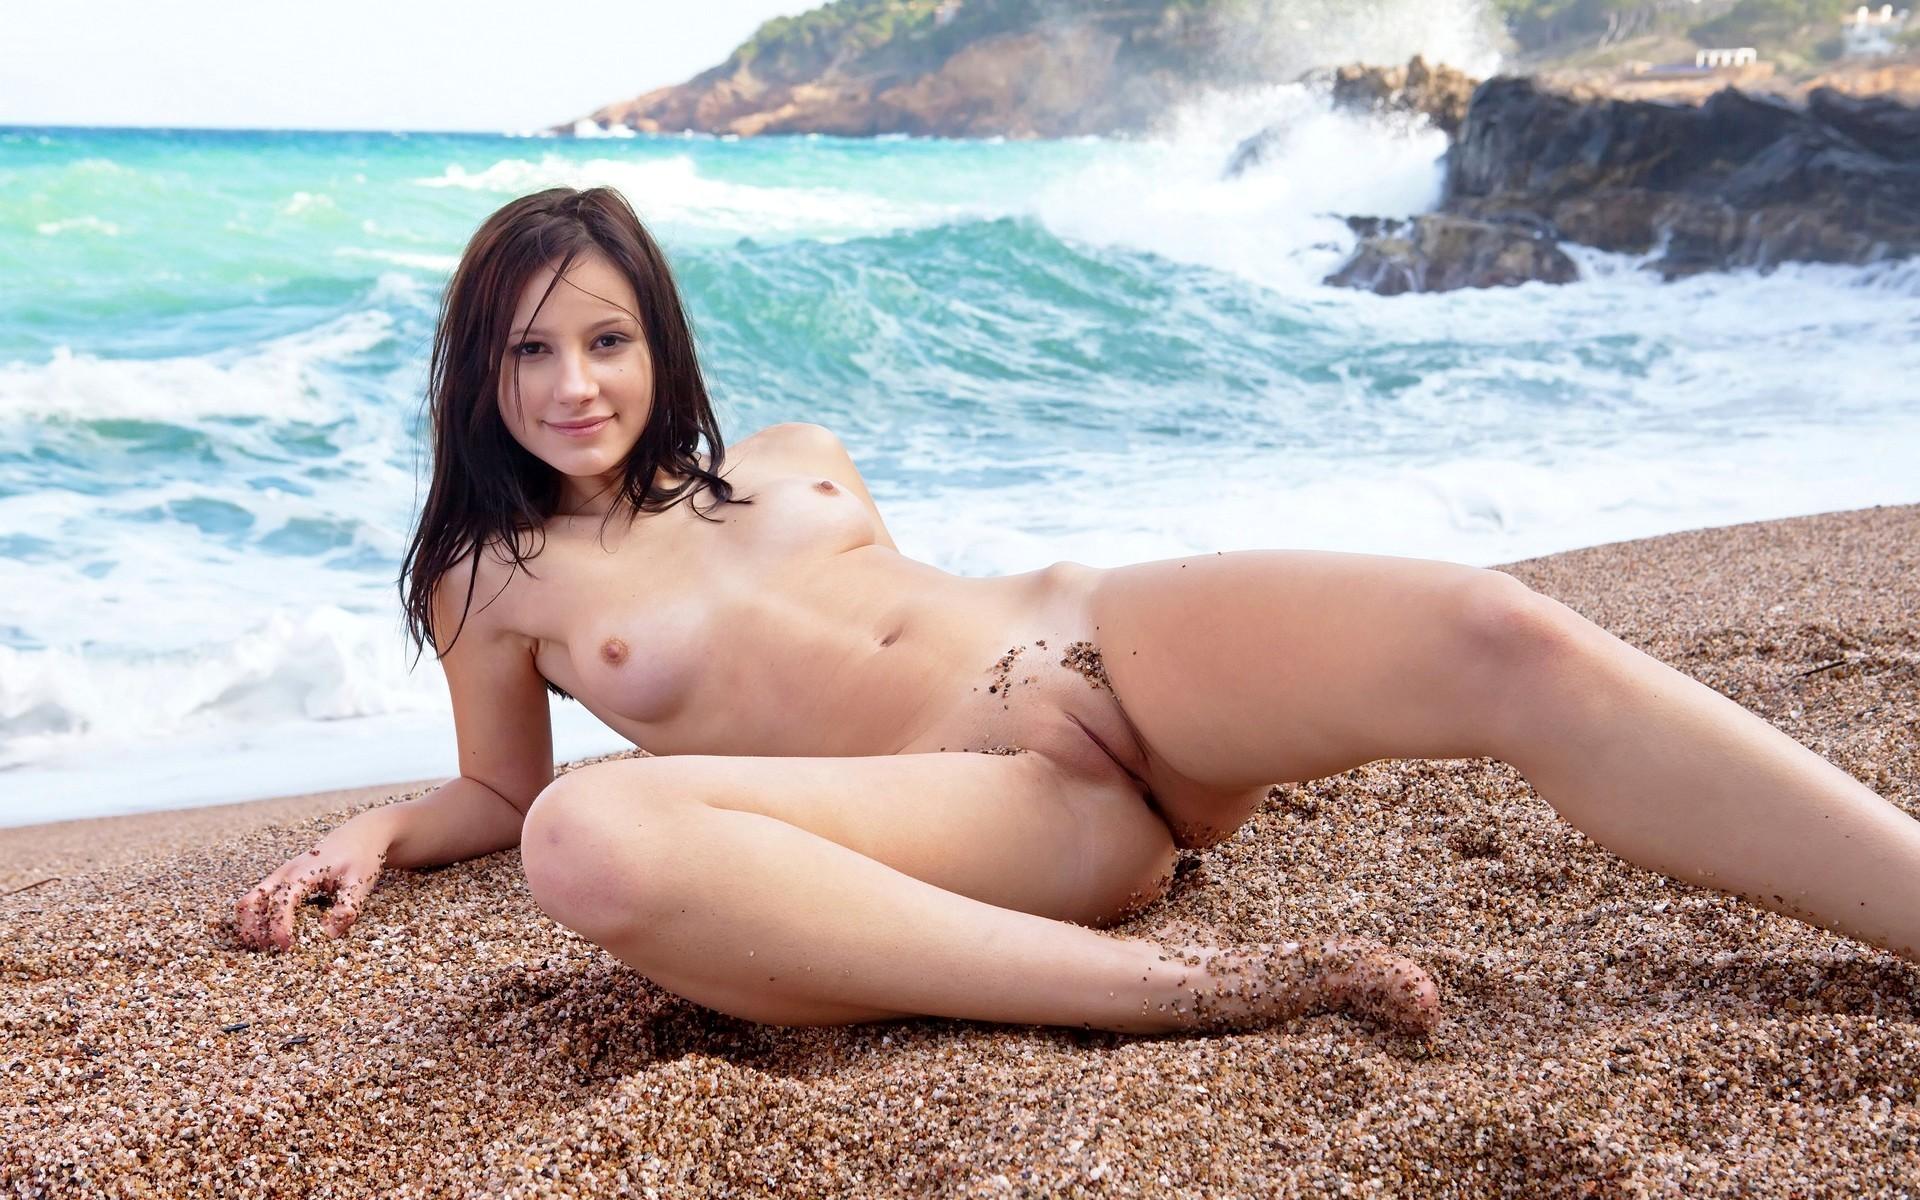 картинки широкоформатные голые женщины